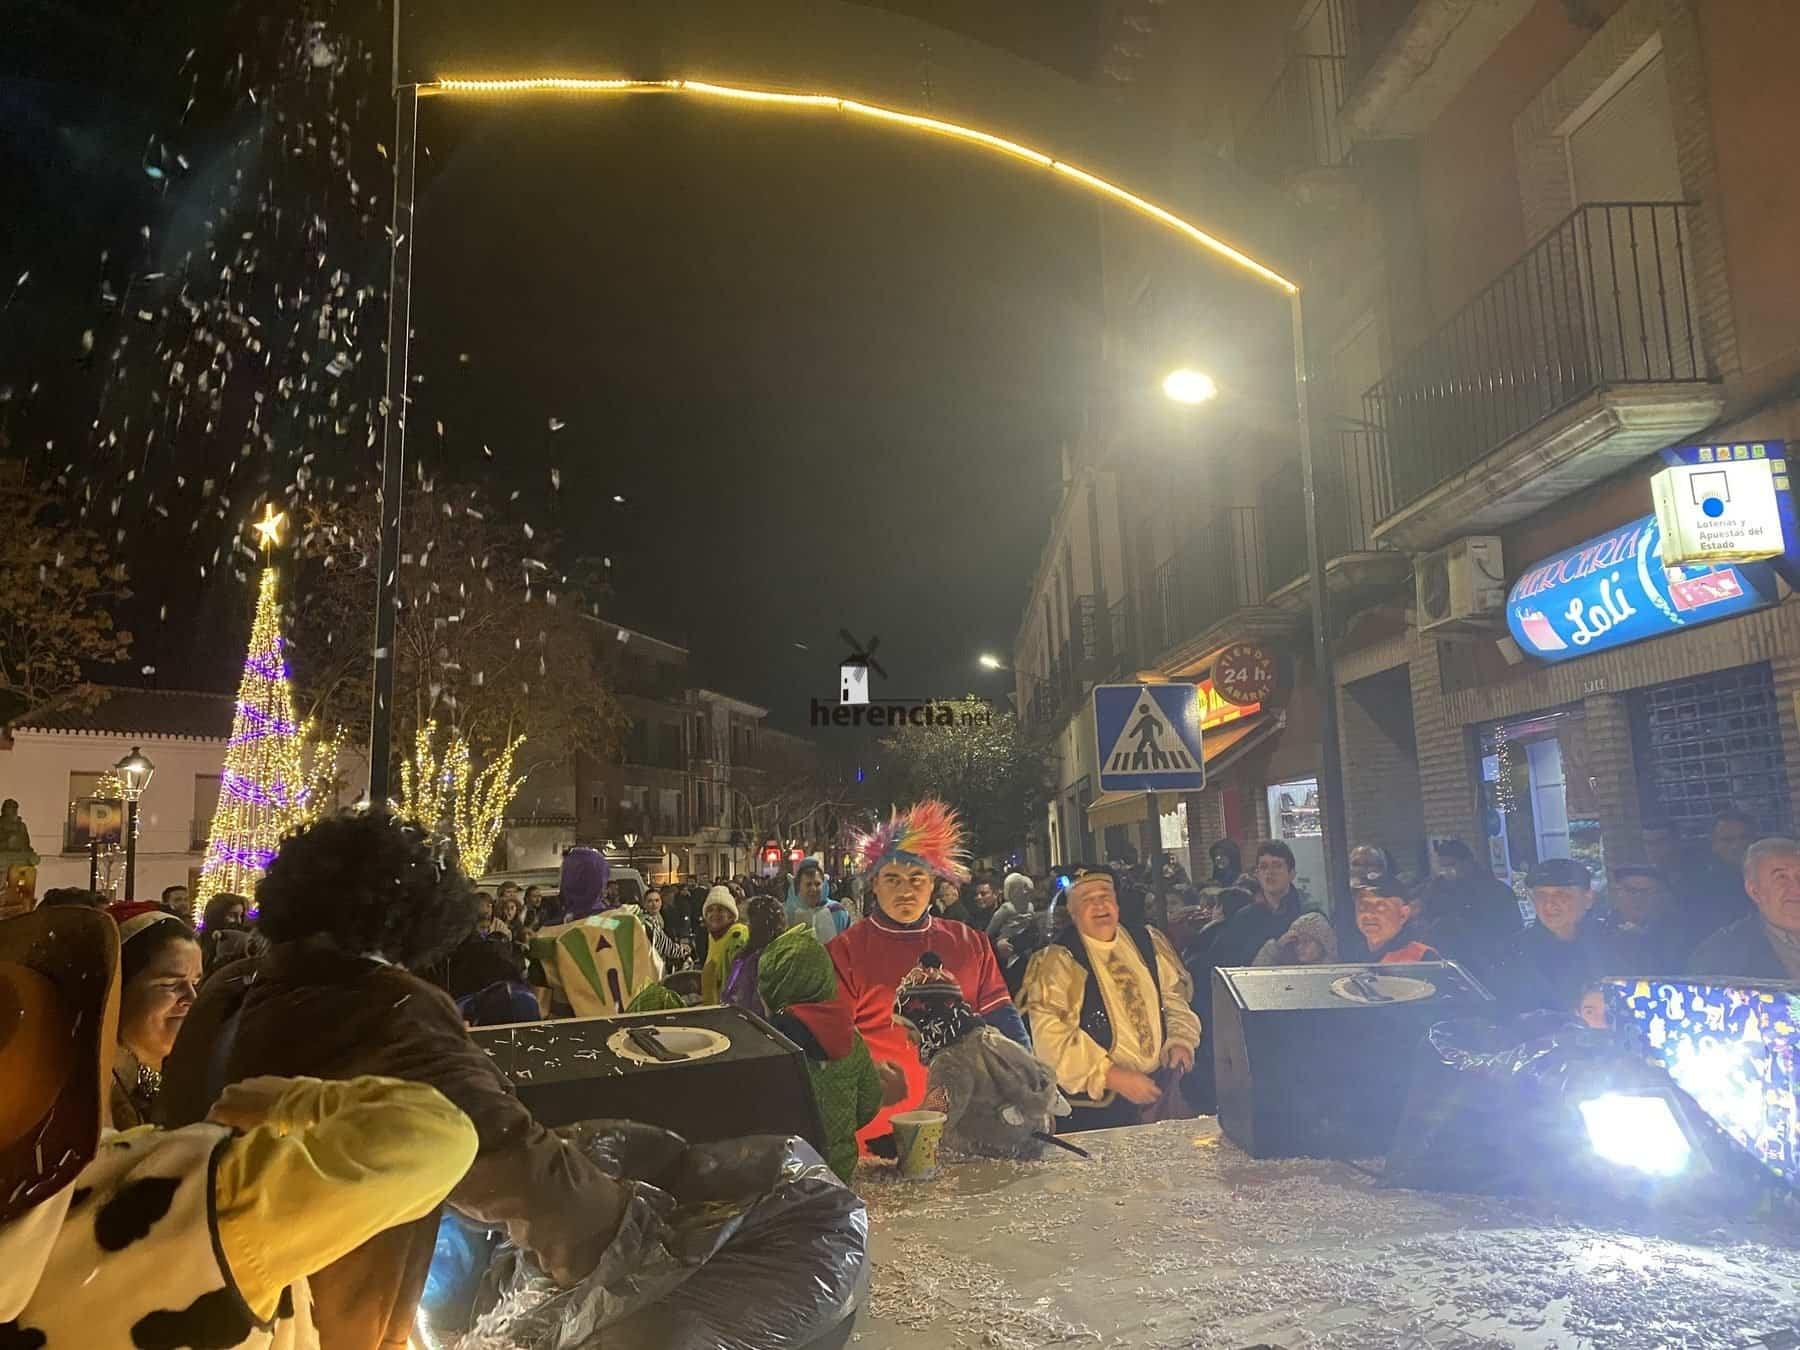 Galería de fotografías de Cabalgata de Reyes Magos de Herencia 48